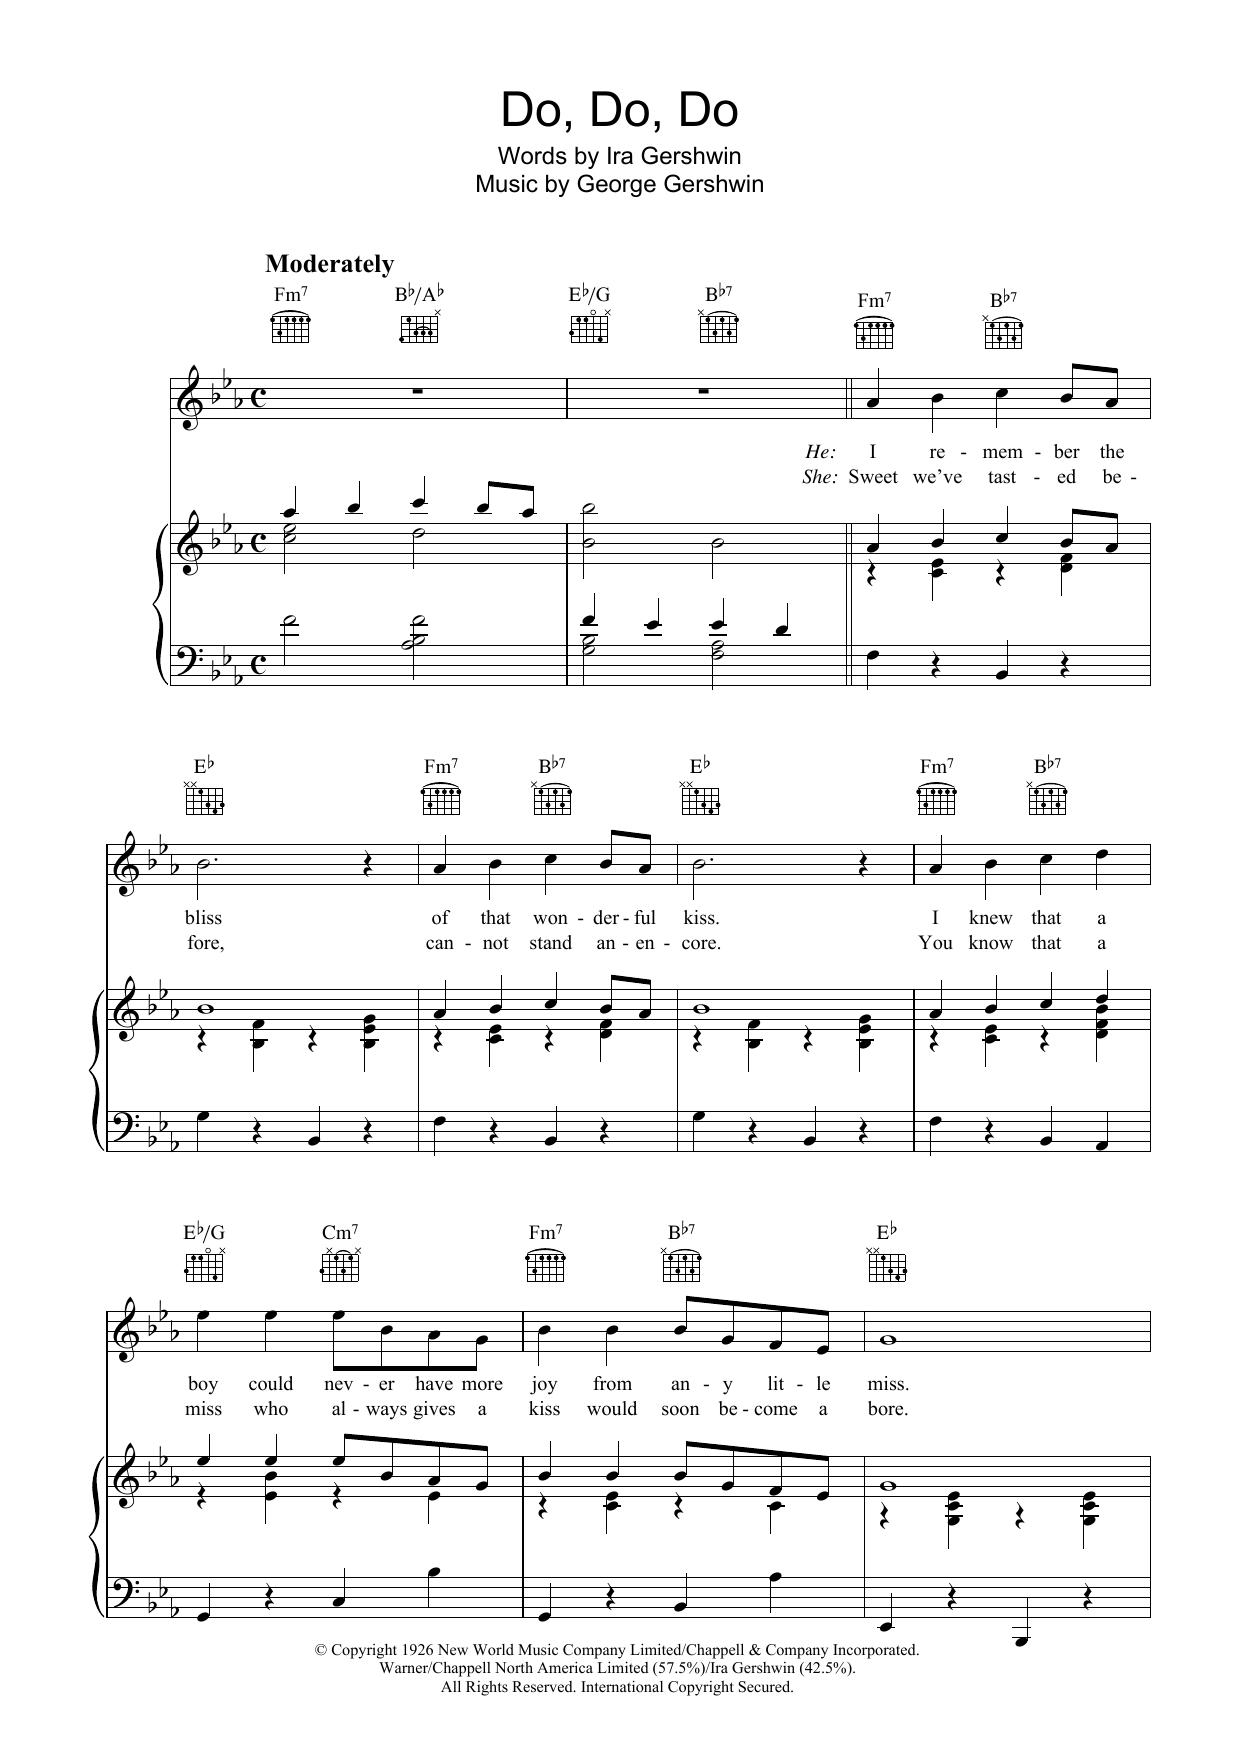 Do Do Do sheet music for voice, piano or guitar by Ira Gershwin